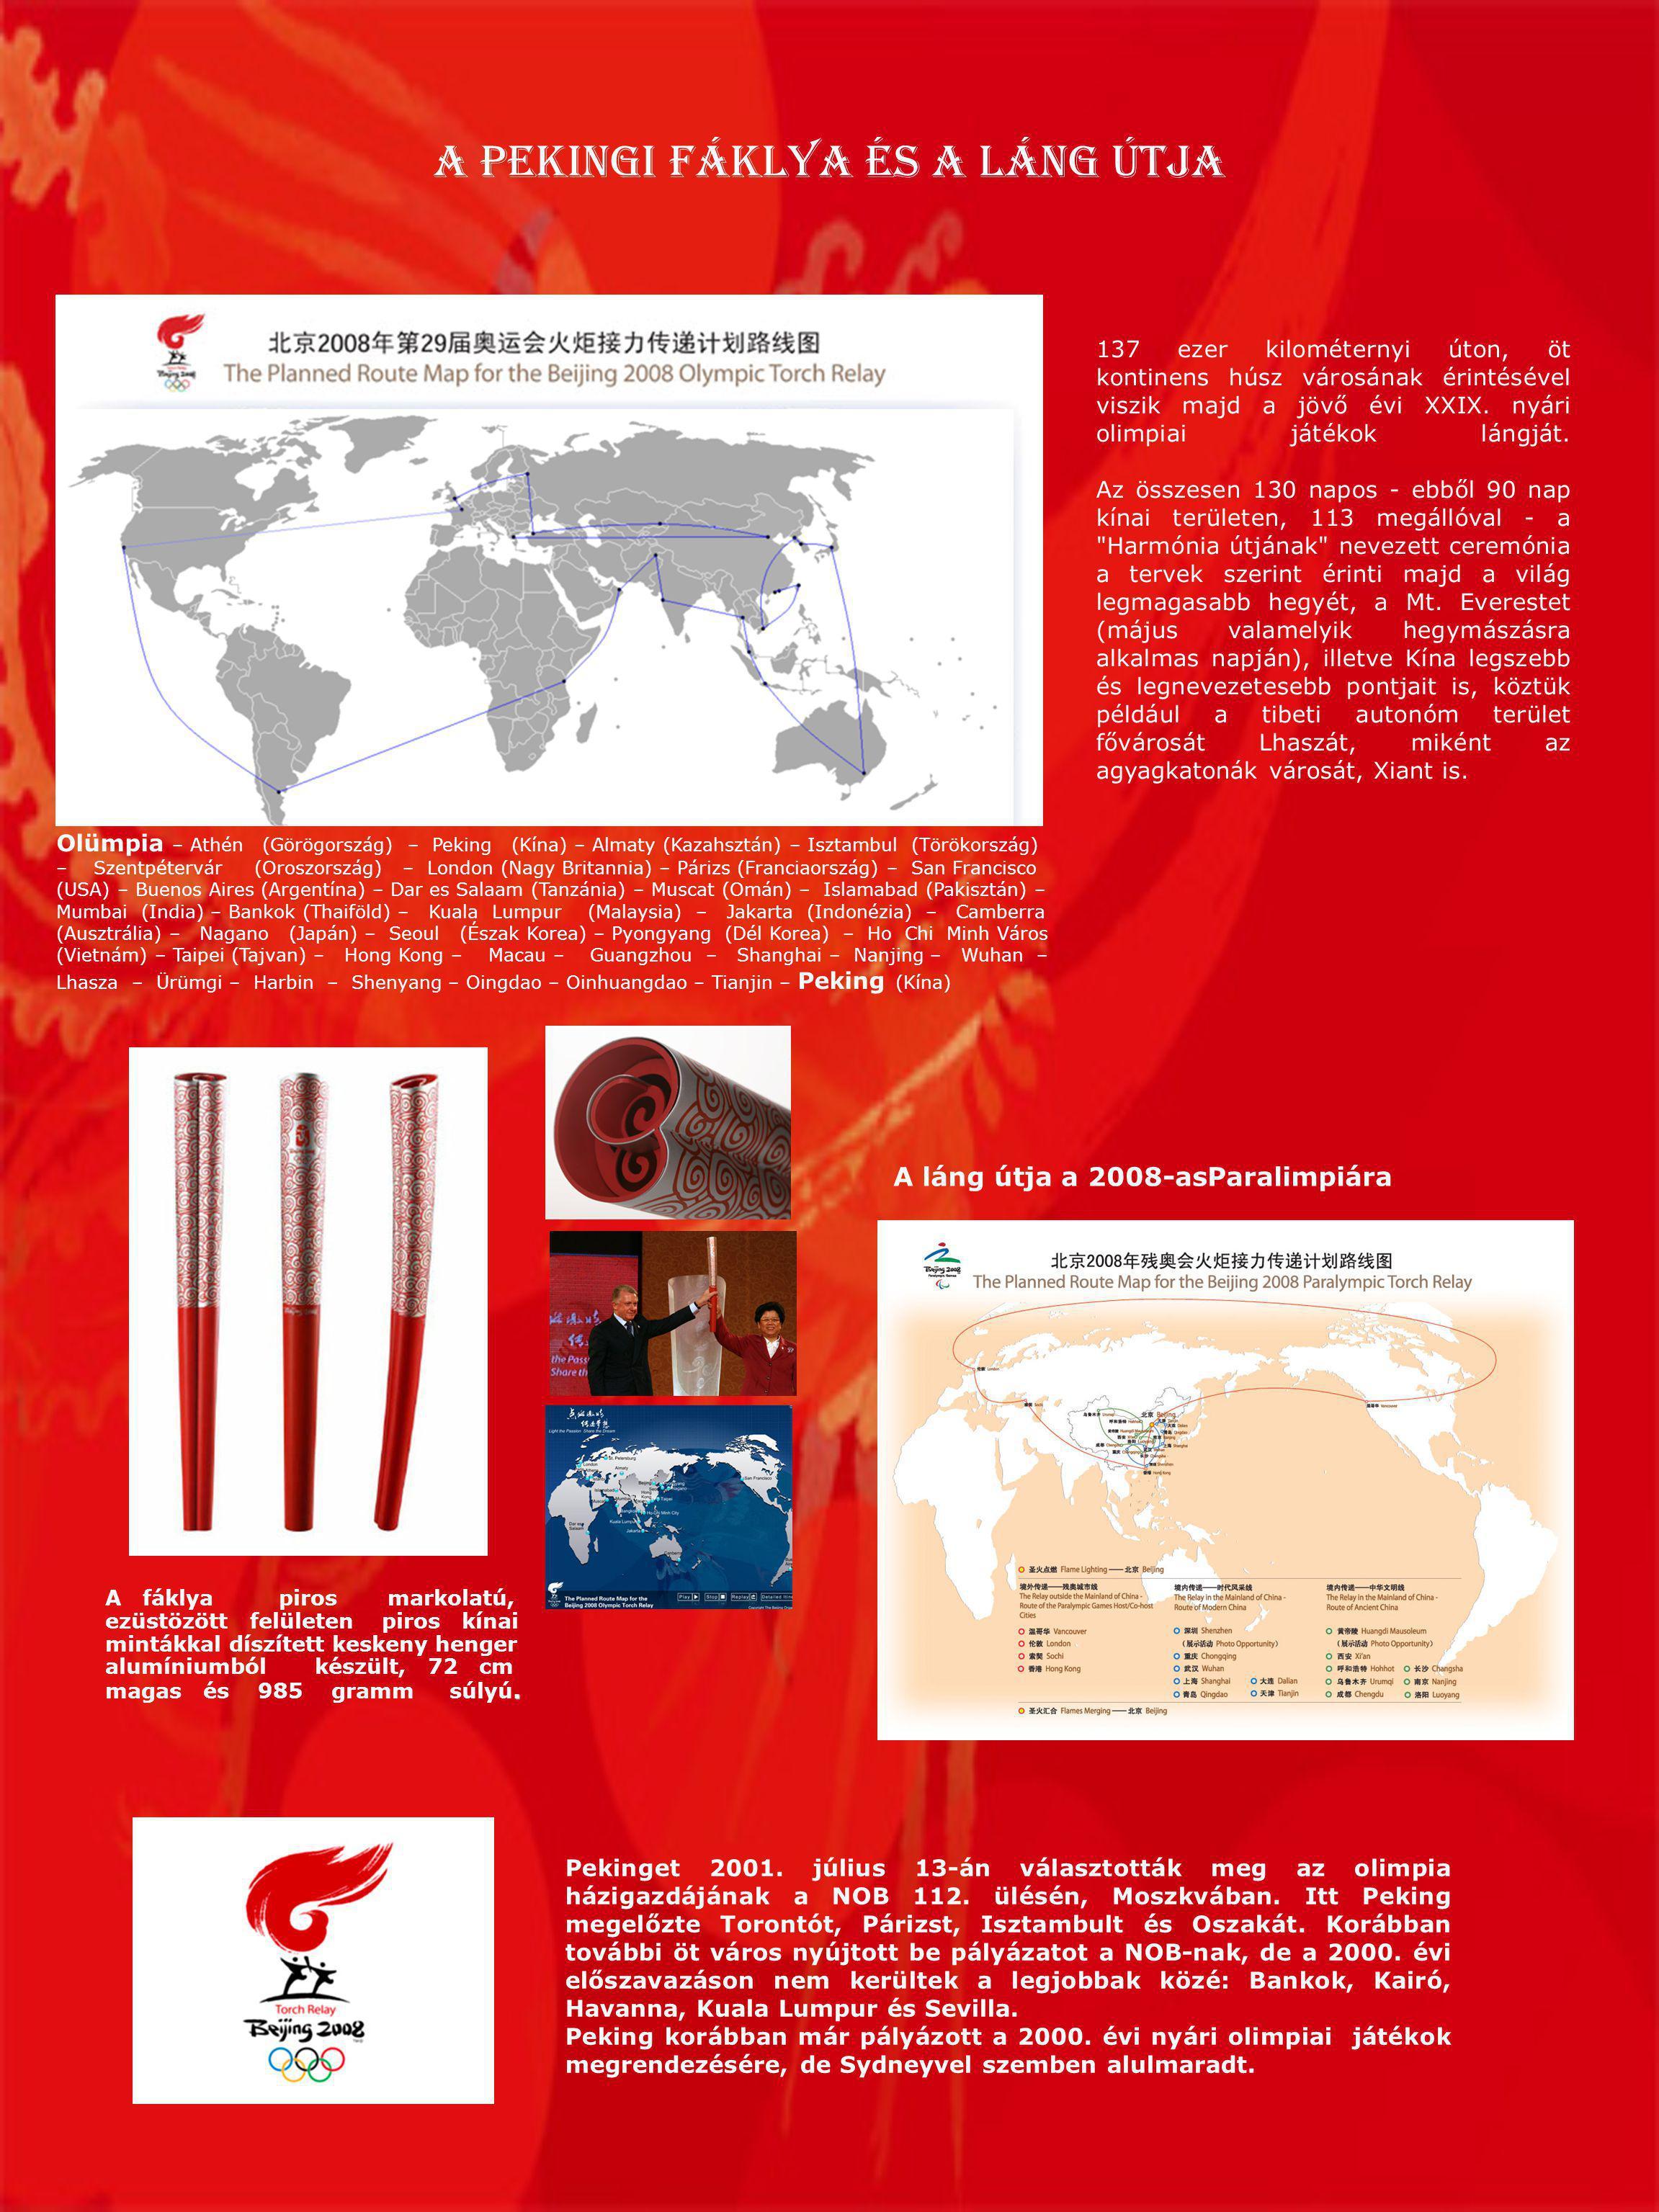 A pekingi fáklya és a Láng Útja. A fáklya piros markolatú, ezüstözött felületen piros kínai mintákkal díszített keskeny henger alumíniumból készült, 7